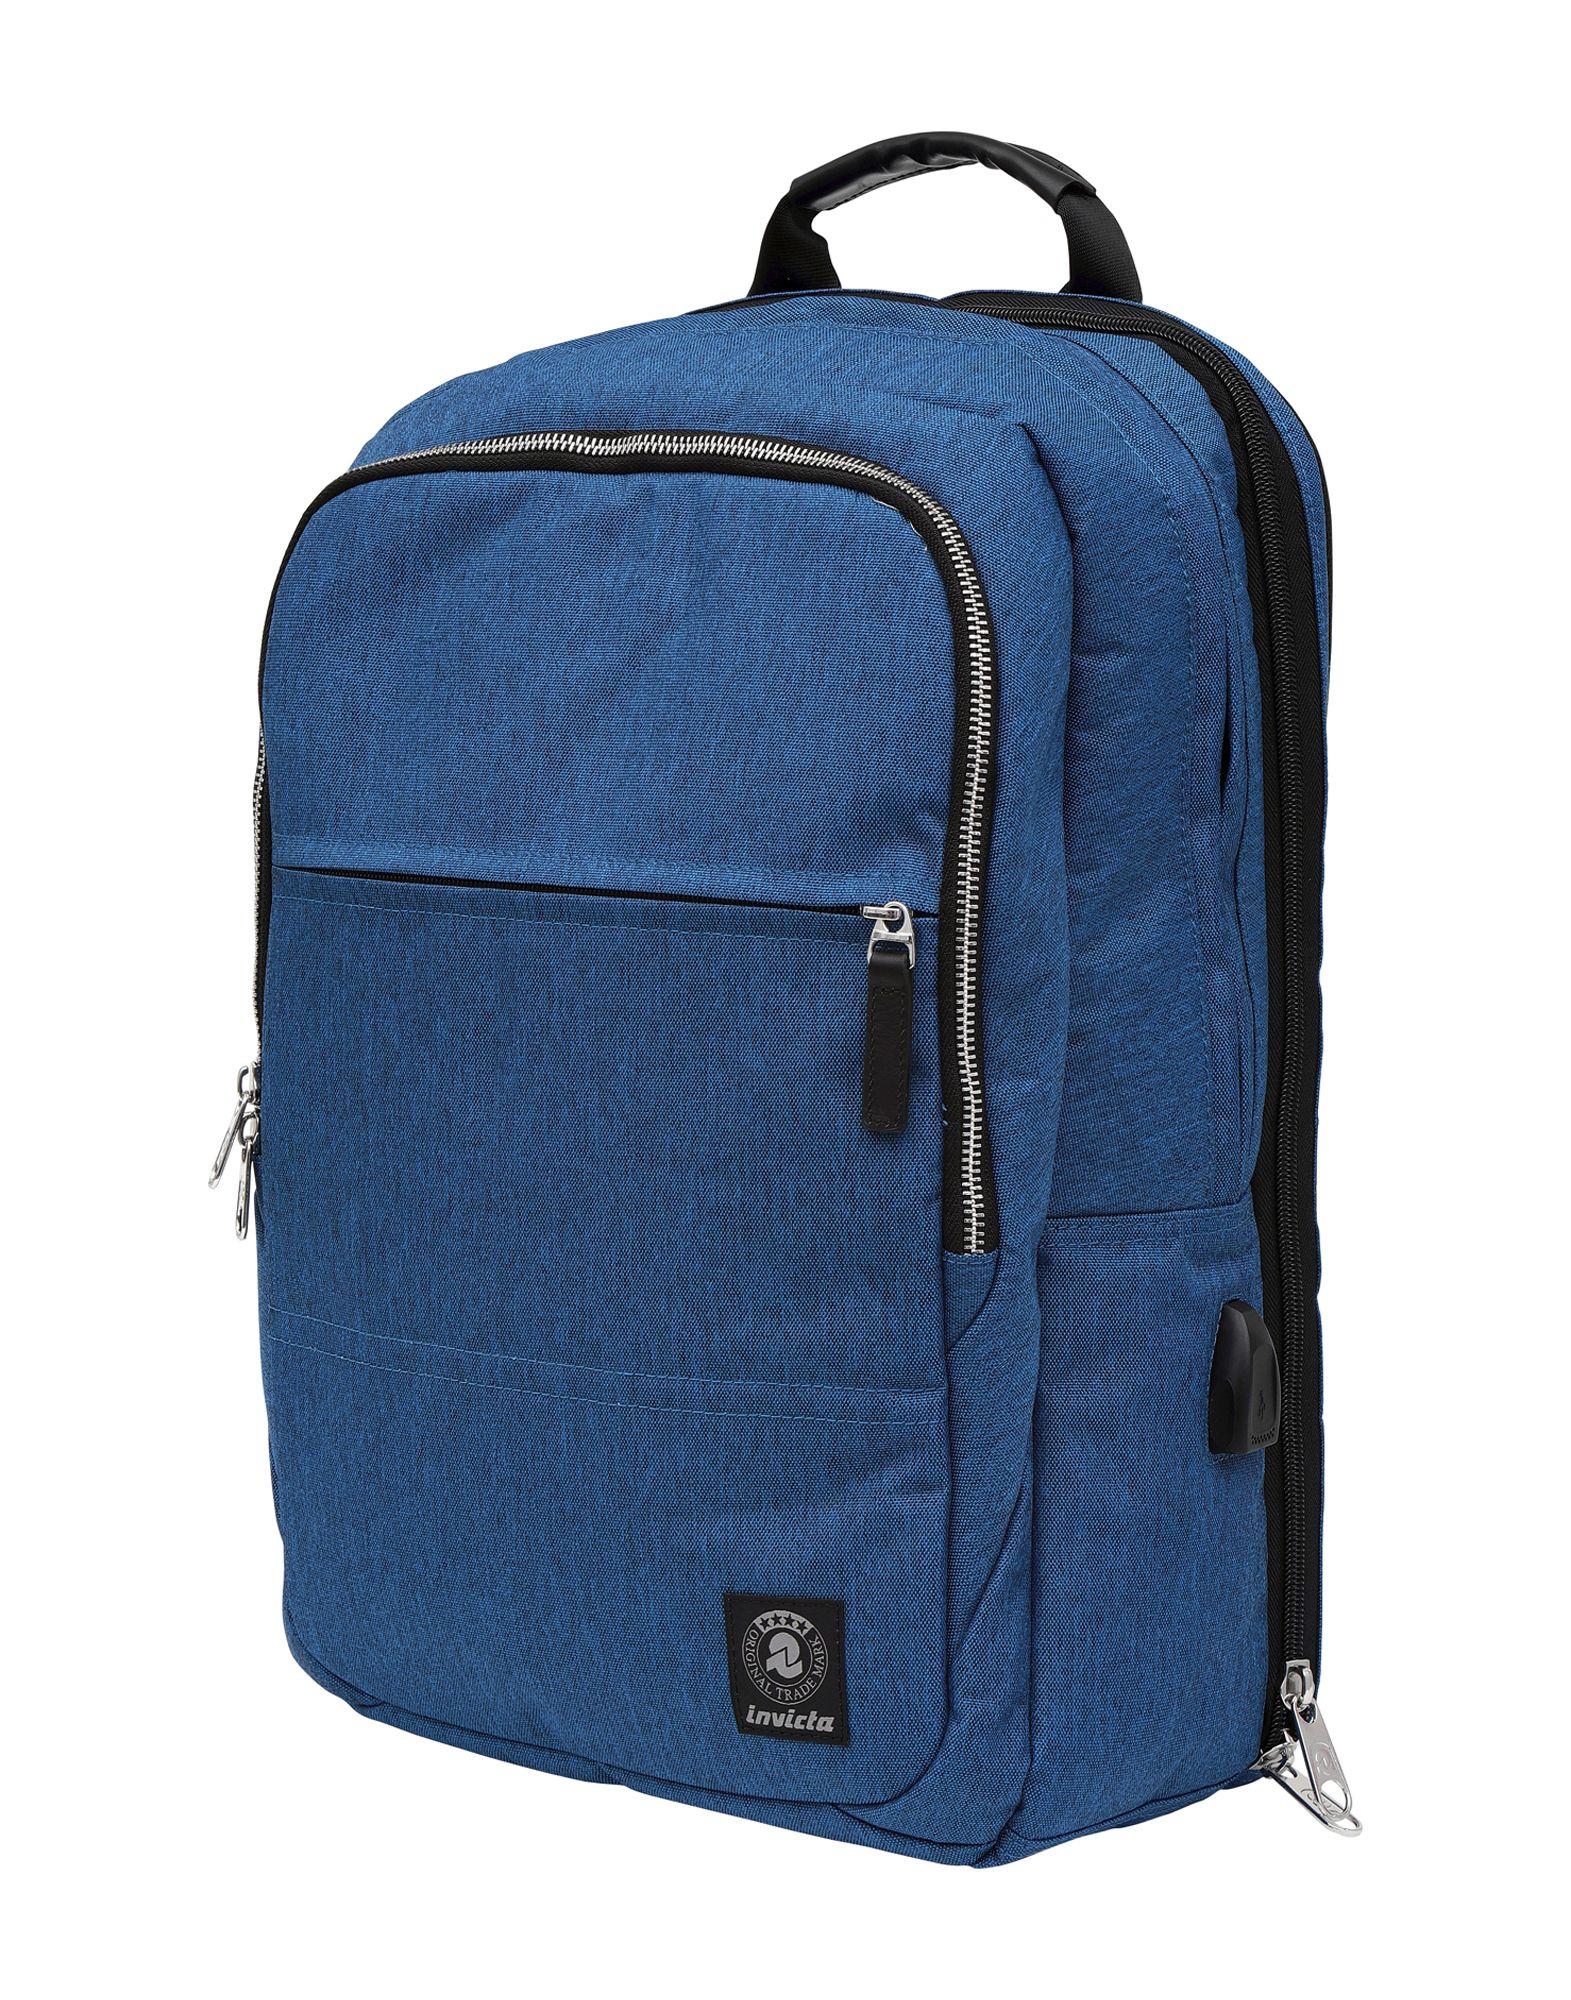 《送料無料》INVICTA Unisex バックパック&ヒップバッグ ブライトブルー ポリエステル 100% BIZ L BACKPACK